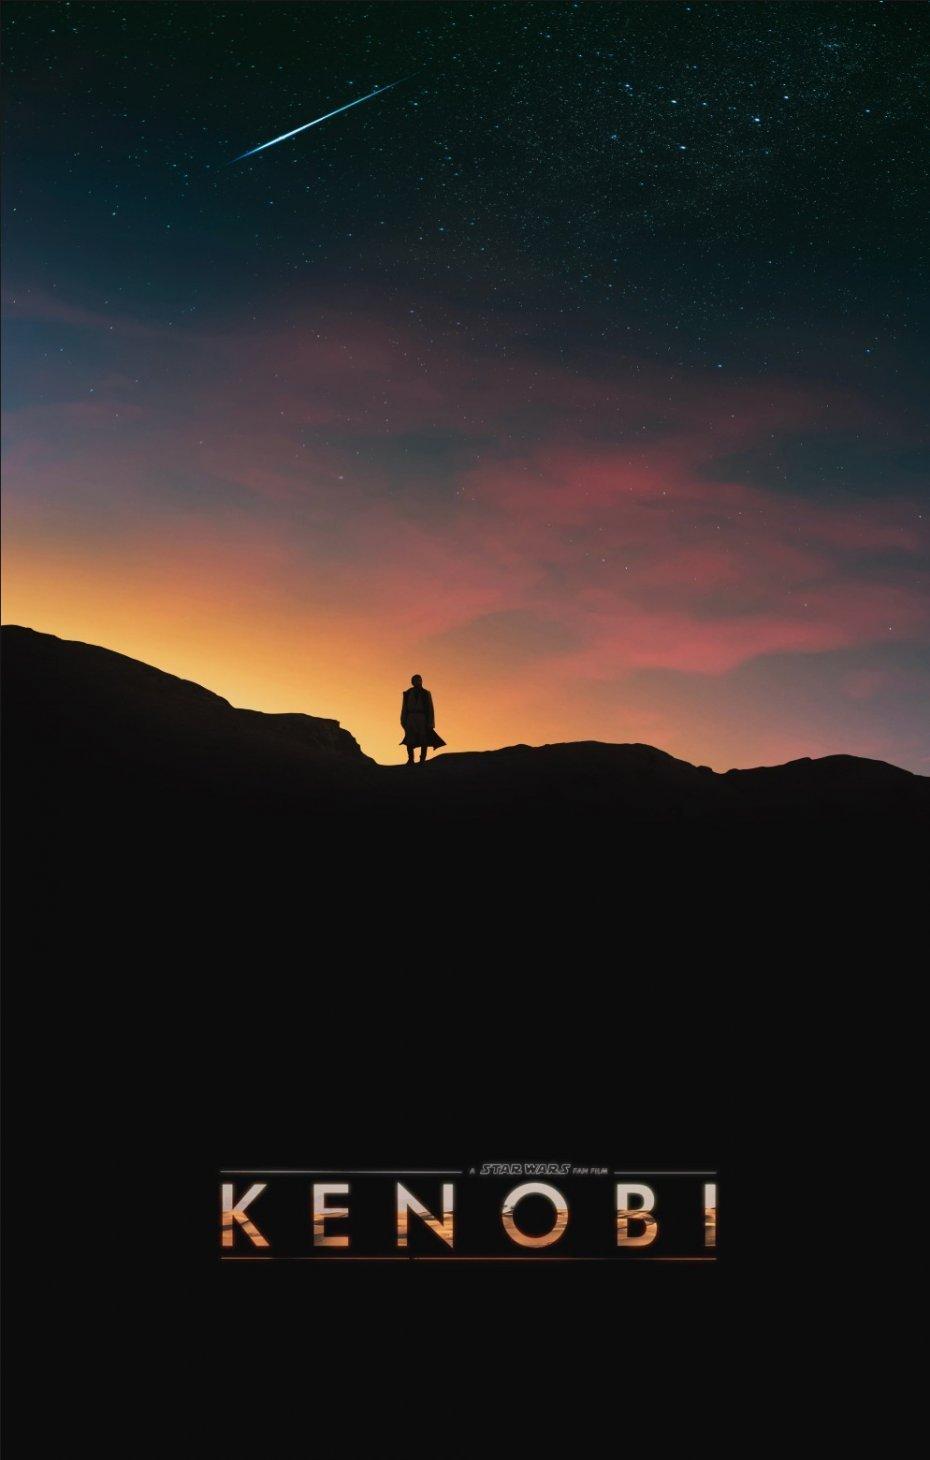 Kenobi - Fan Film Poster 01